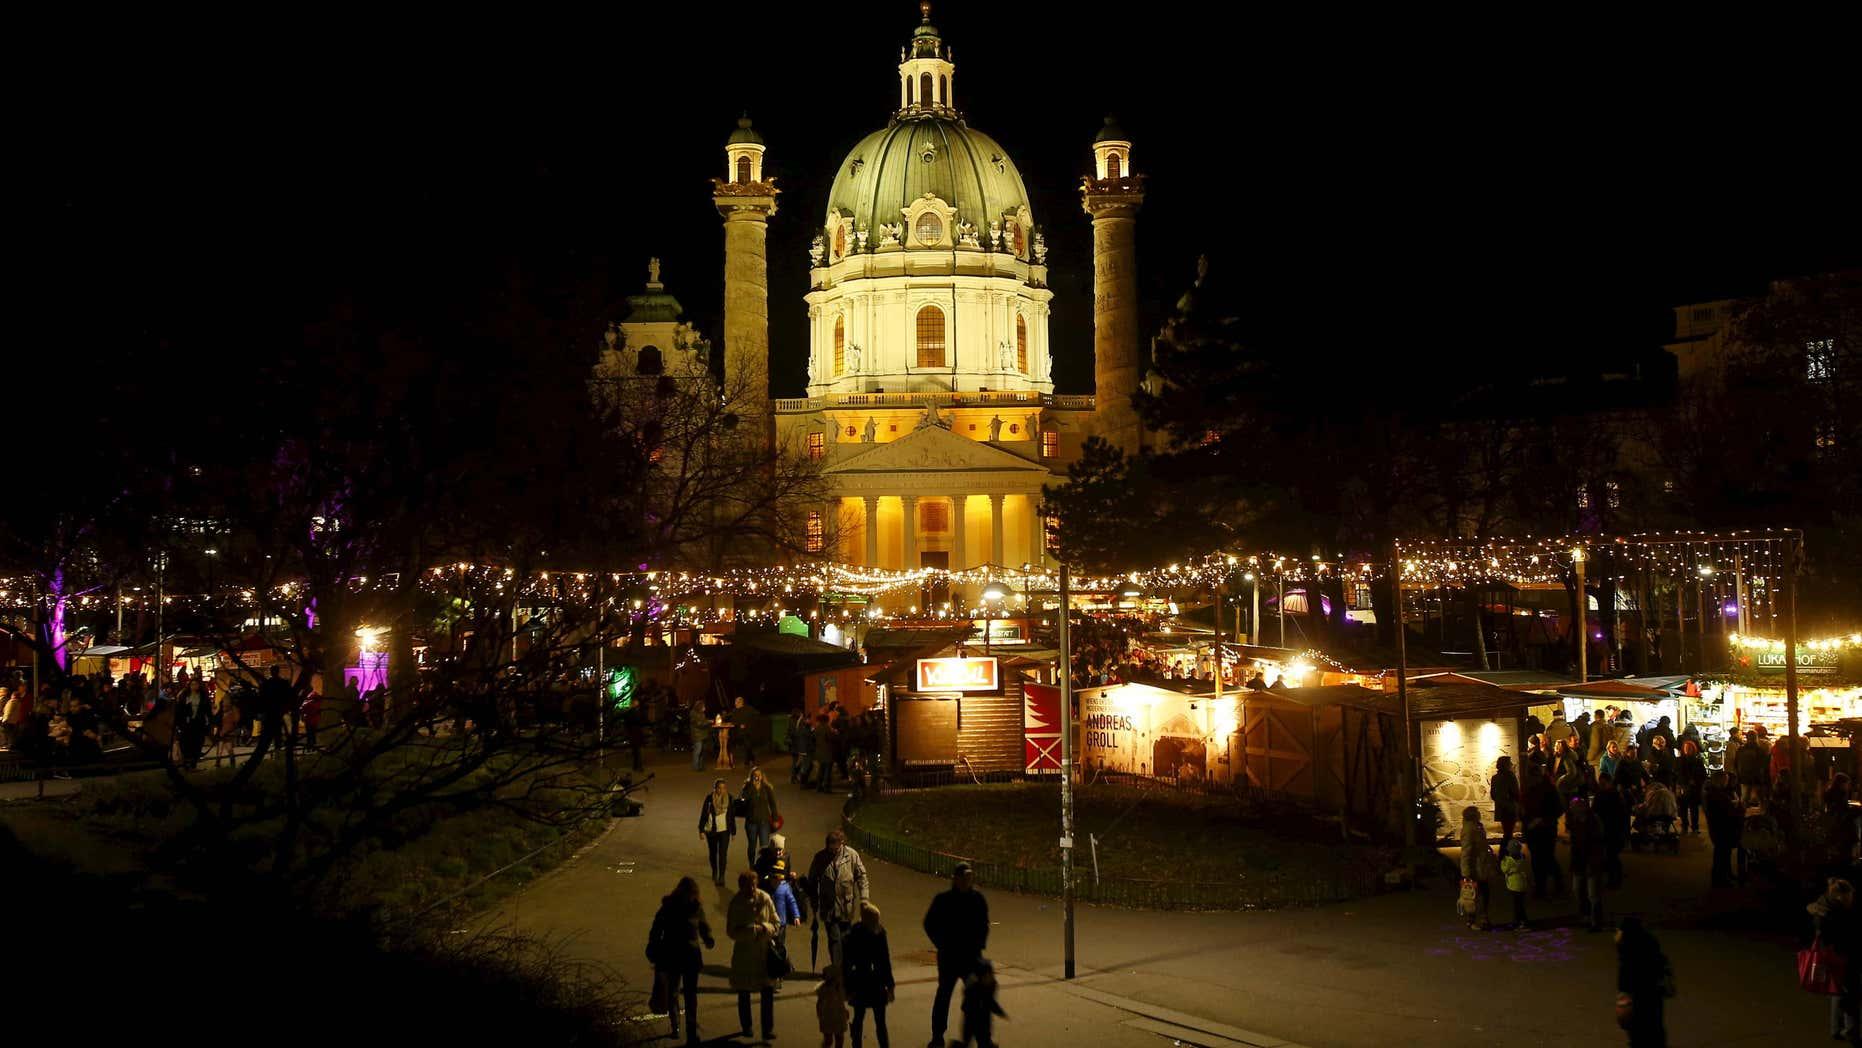 """Dec. 22, 2015: A view of """"Christkindlmarkt"""" Advent market in front of Karlskirche church in Vienna, Austria"""